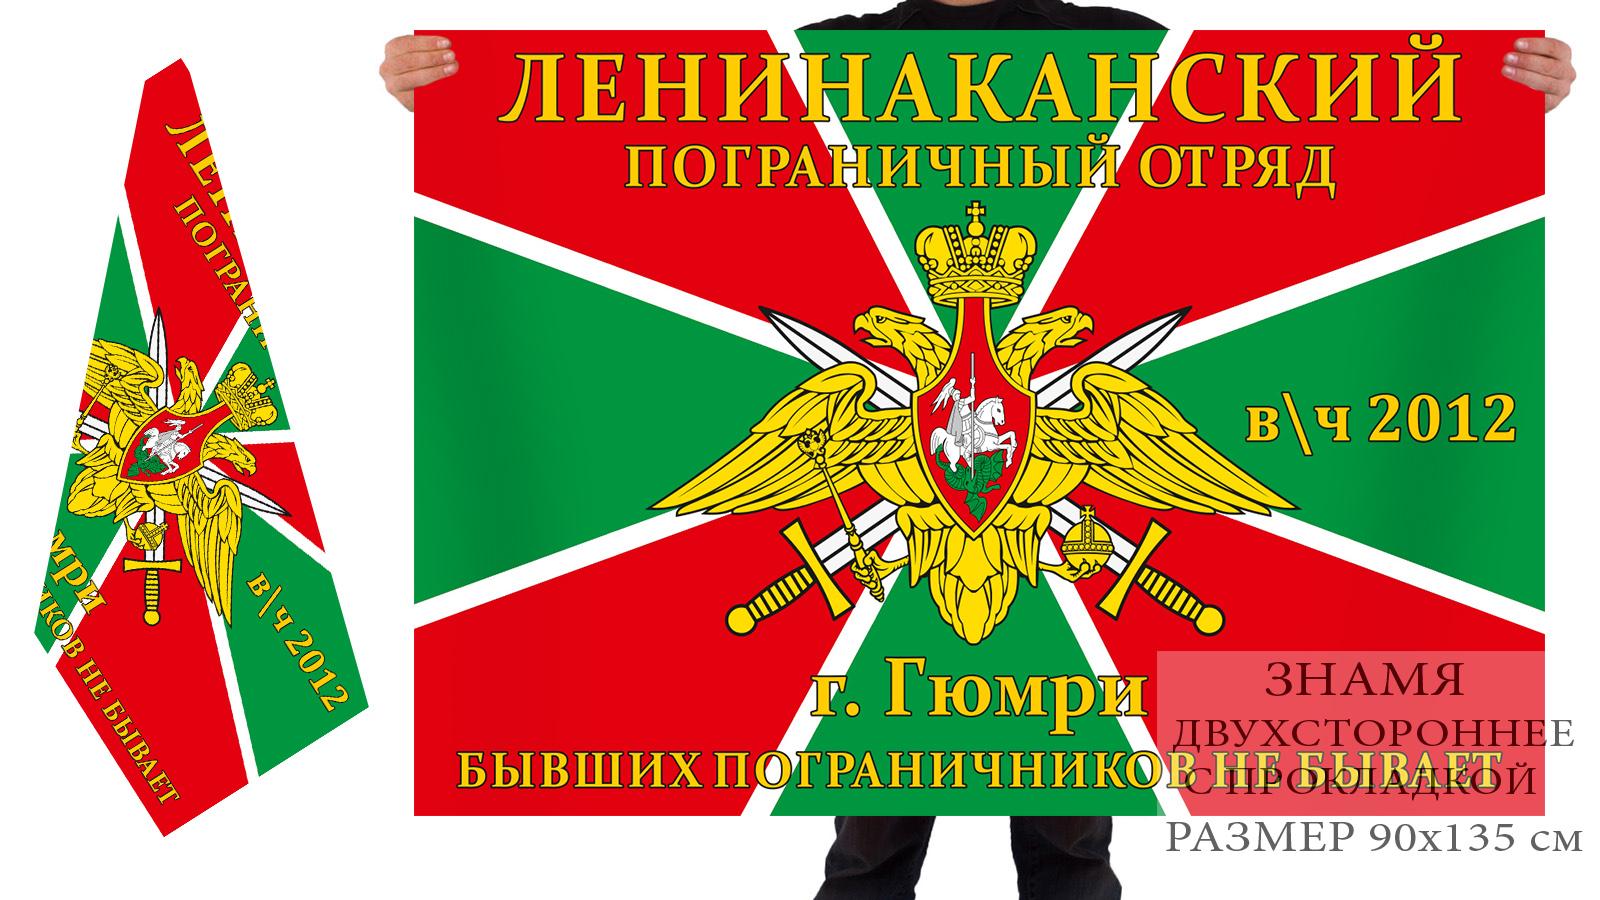 Флаг Ленинаканского погранотряда в/ч 2012, г. Гюмри